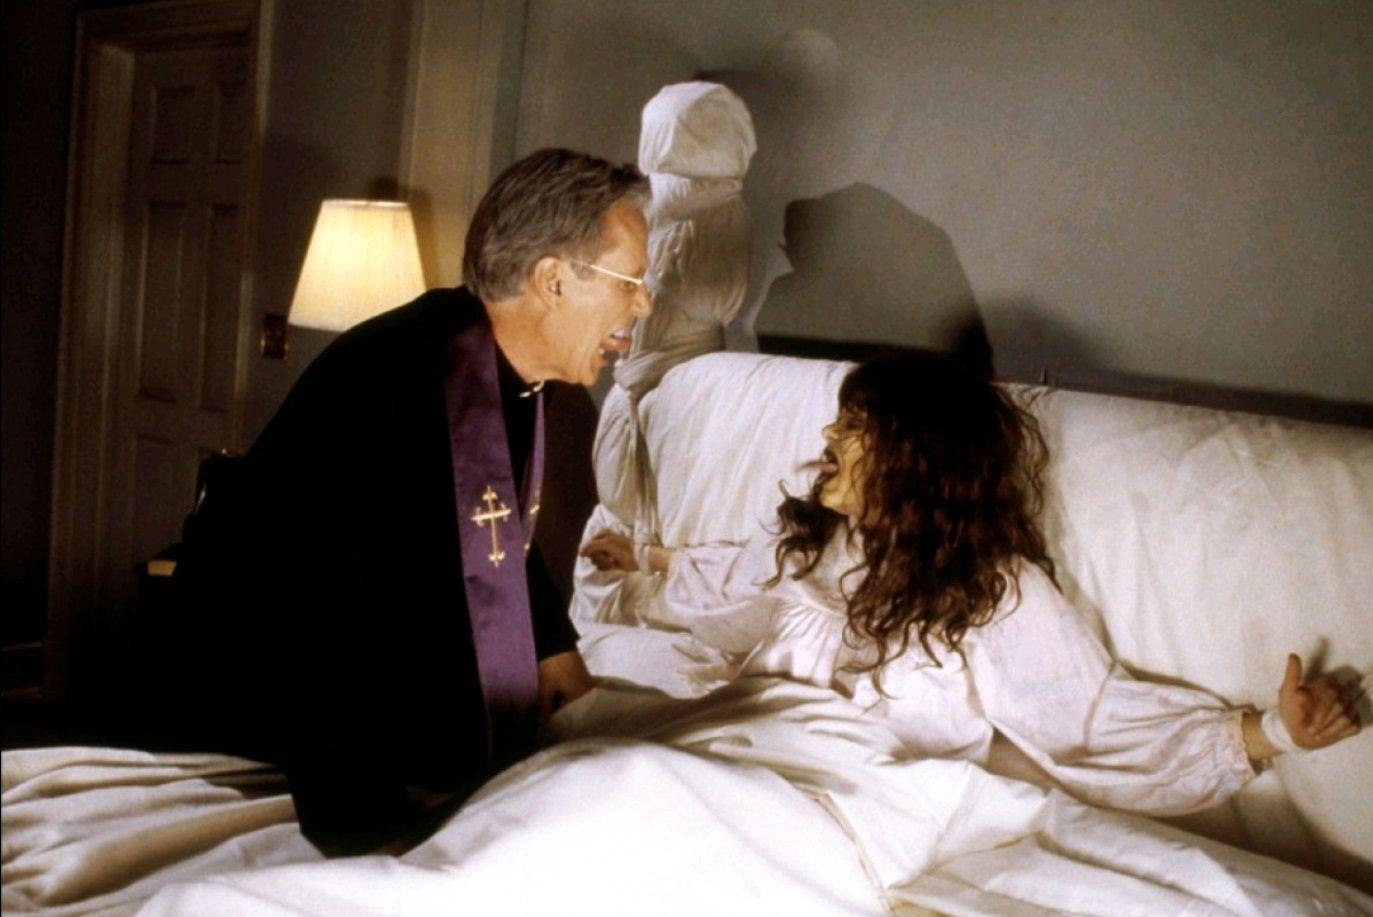 Очень страшное кино 2 / Scary Movie 2 (2001): кадр из фильма